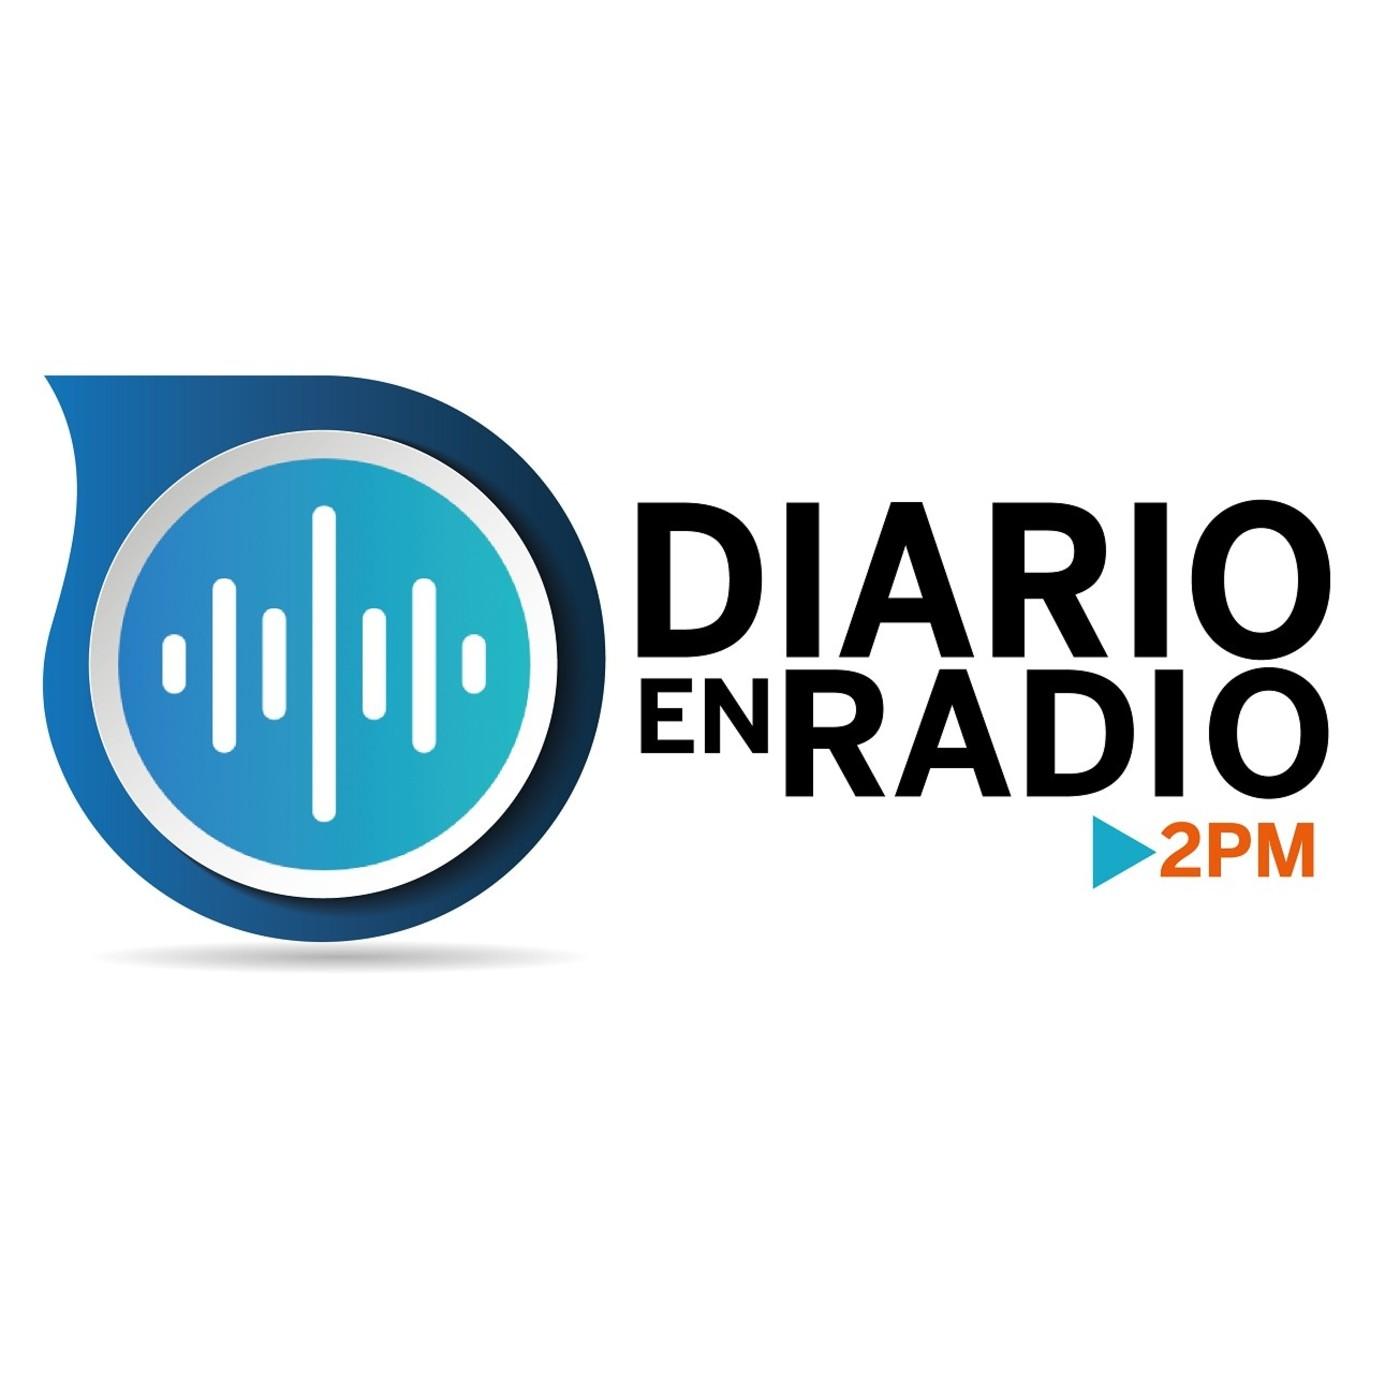 Diario en Radio WE: Programa 11 de Febrero 2019 en WE RADIO en mp3 ...